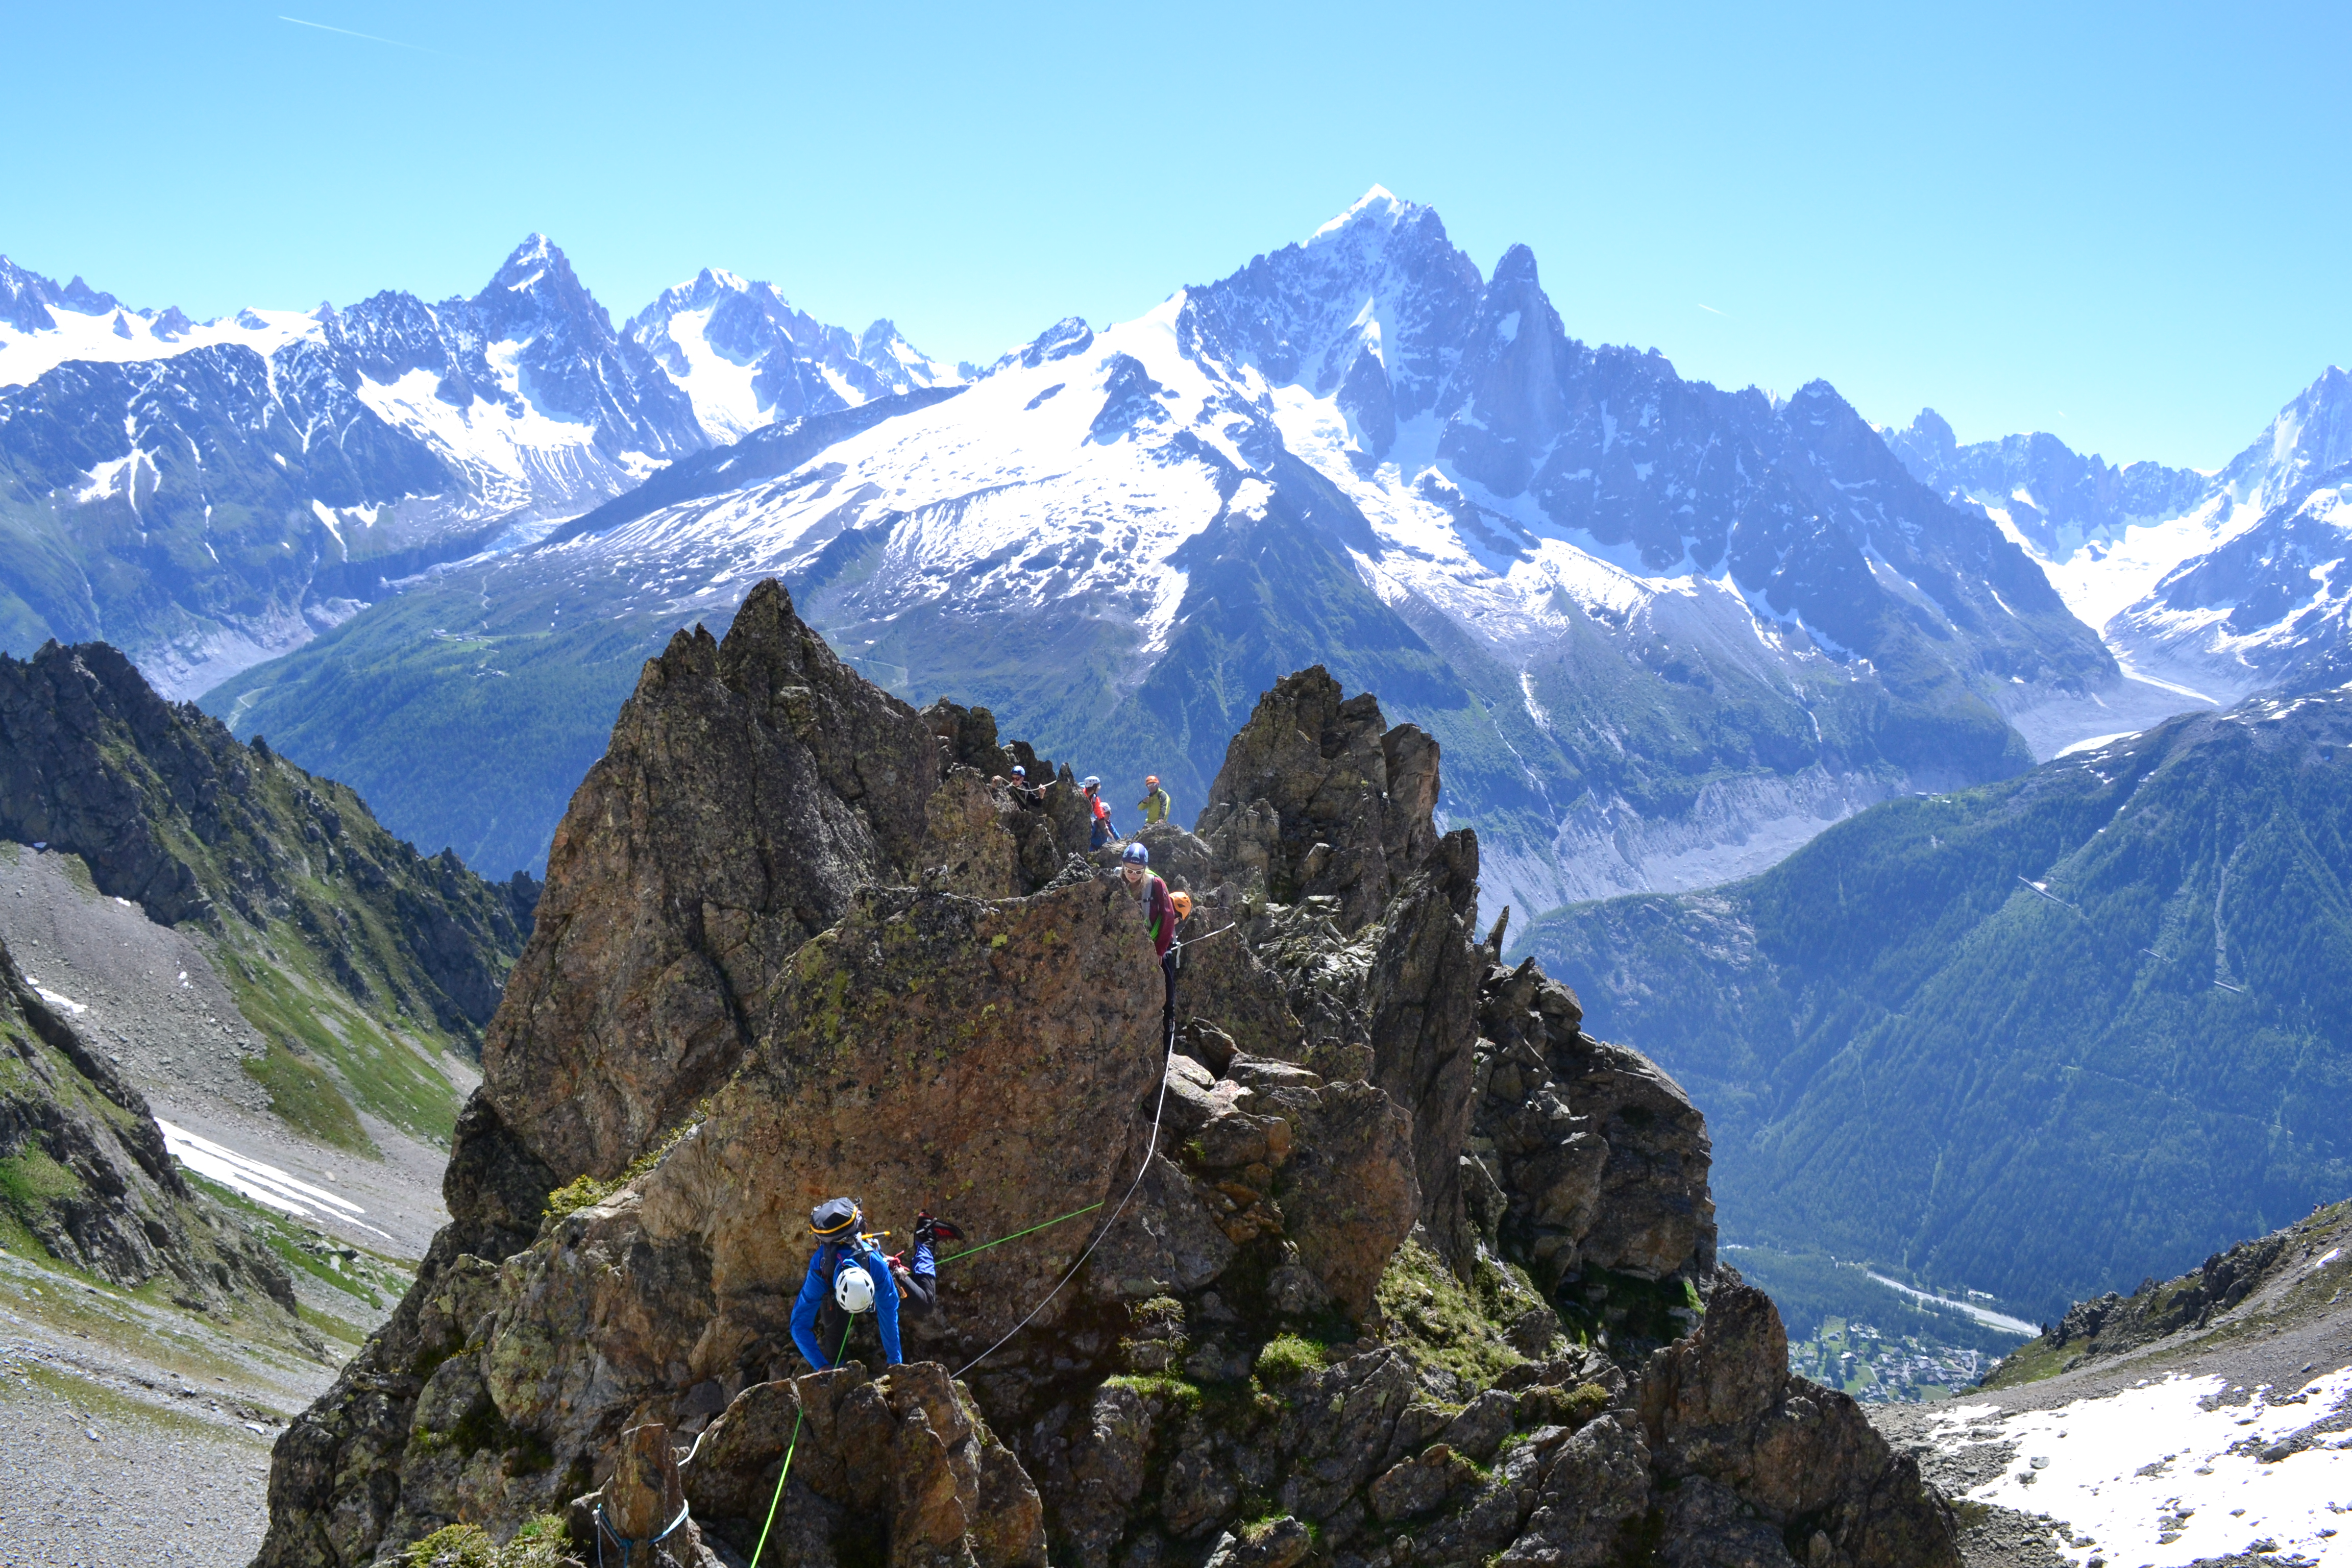 alpinisme Chamonix Index Grand parcours montagne corde aiguille rouge